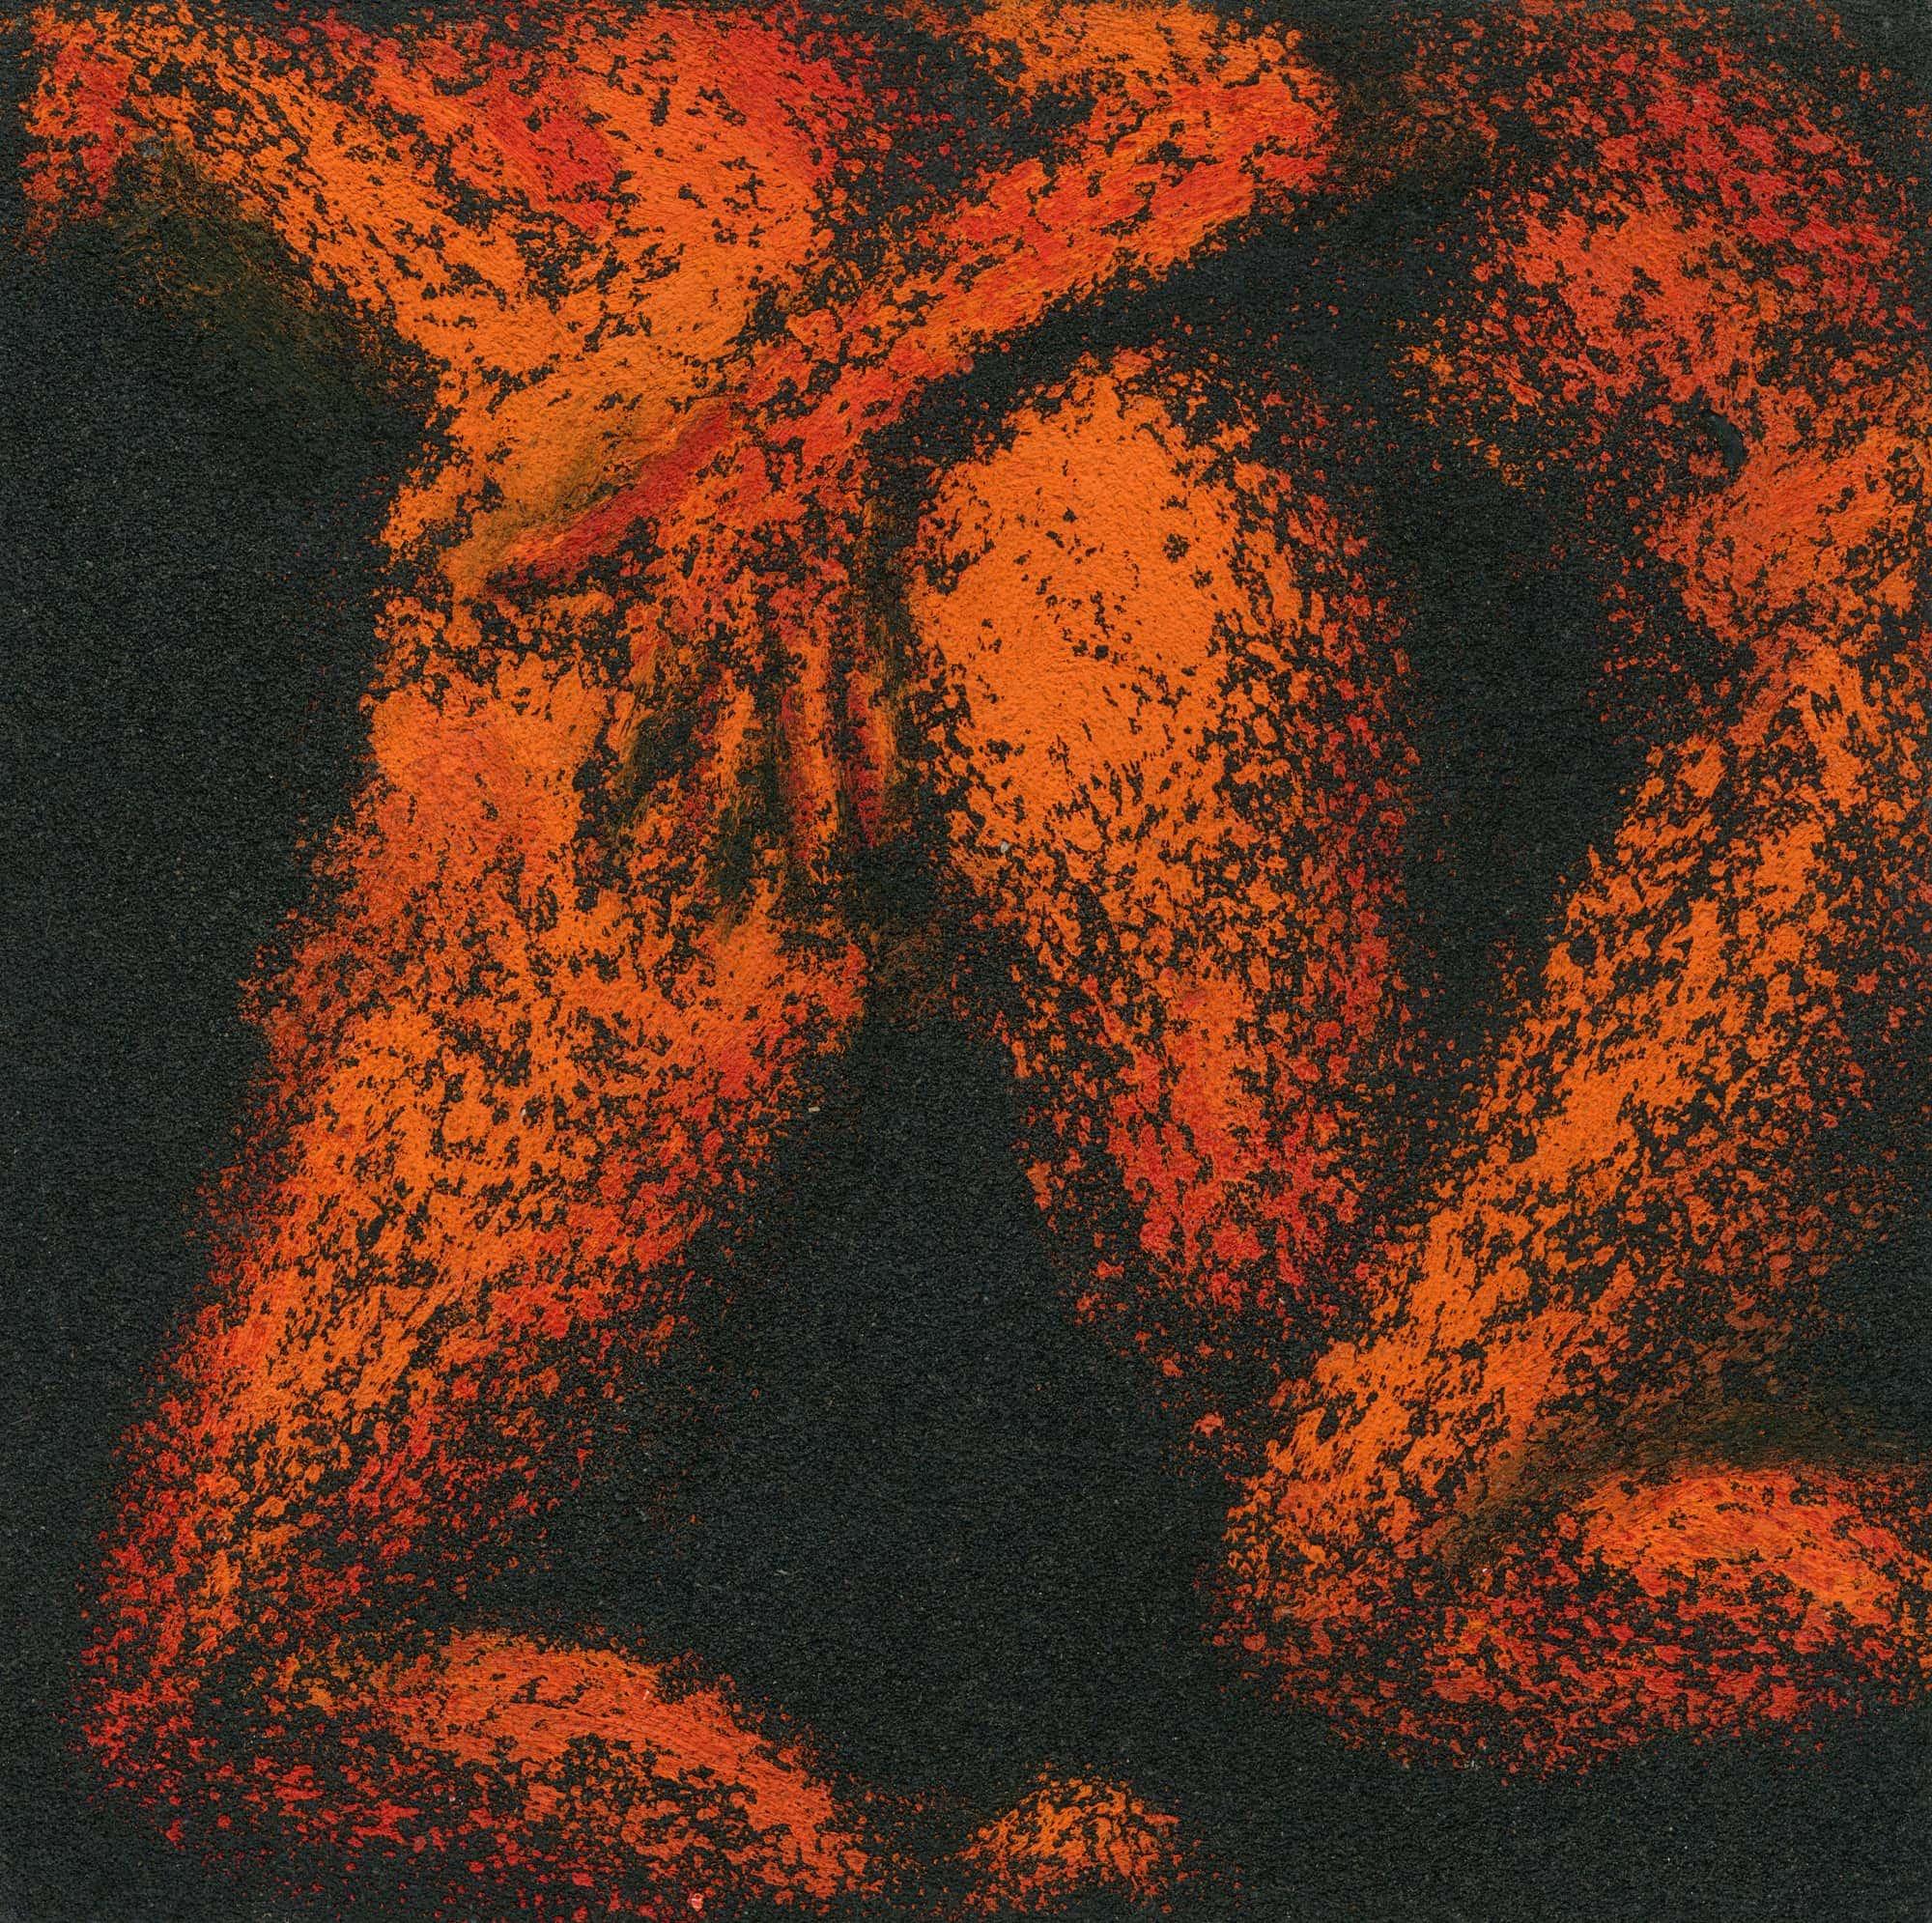 Αποτέλεσμα εικόνας για art kolaz king erotica